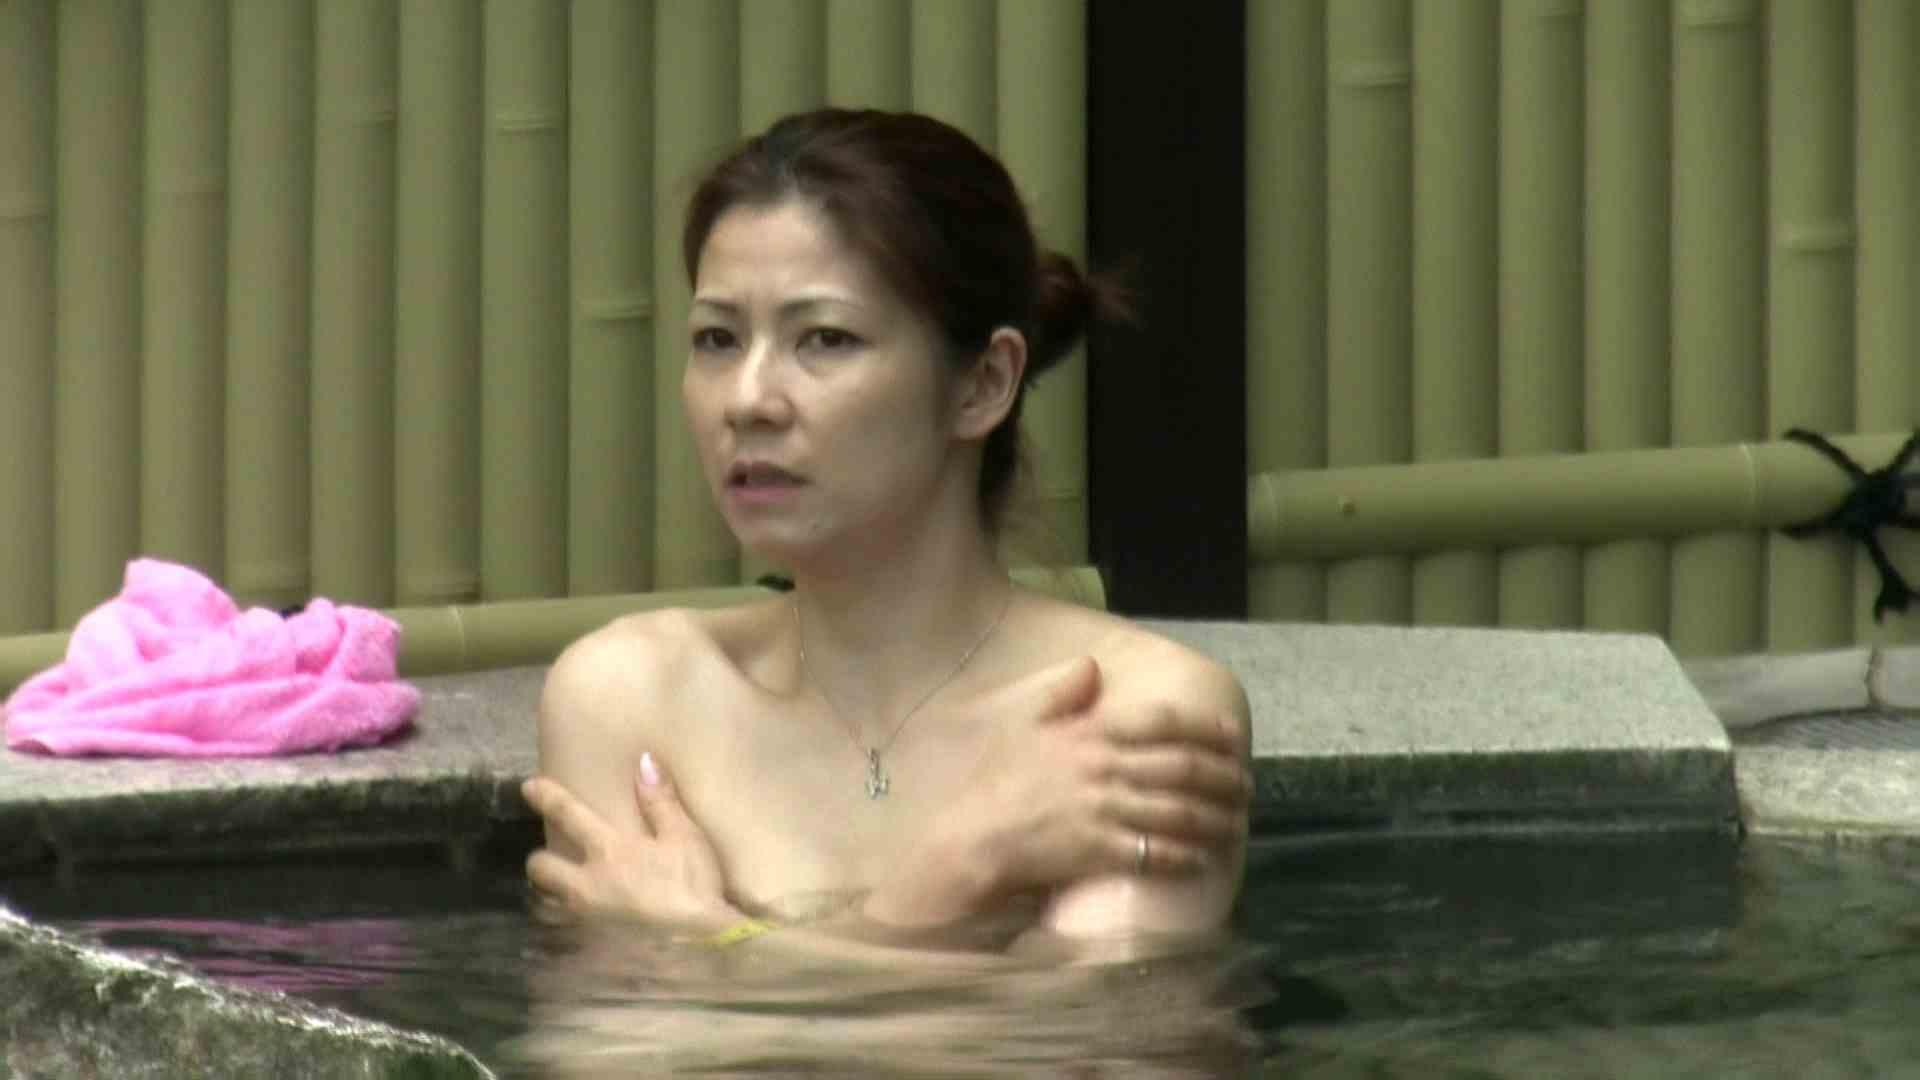 Aquaな露天風呂Vol.660 露天  50pic 3